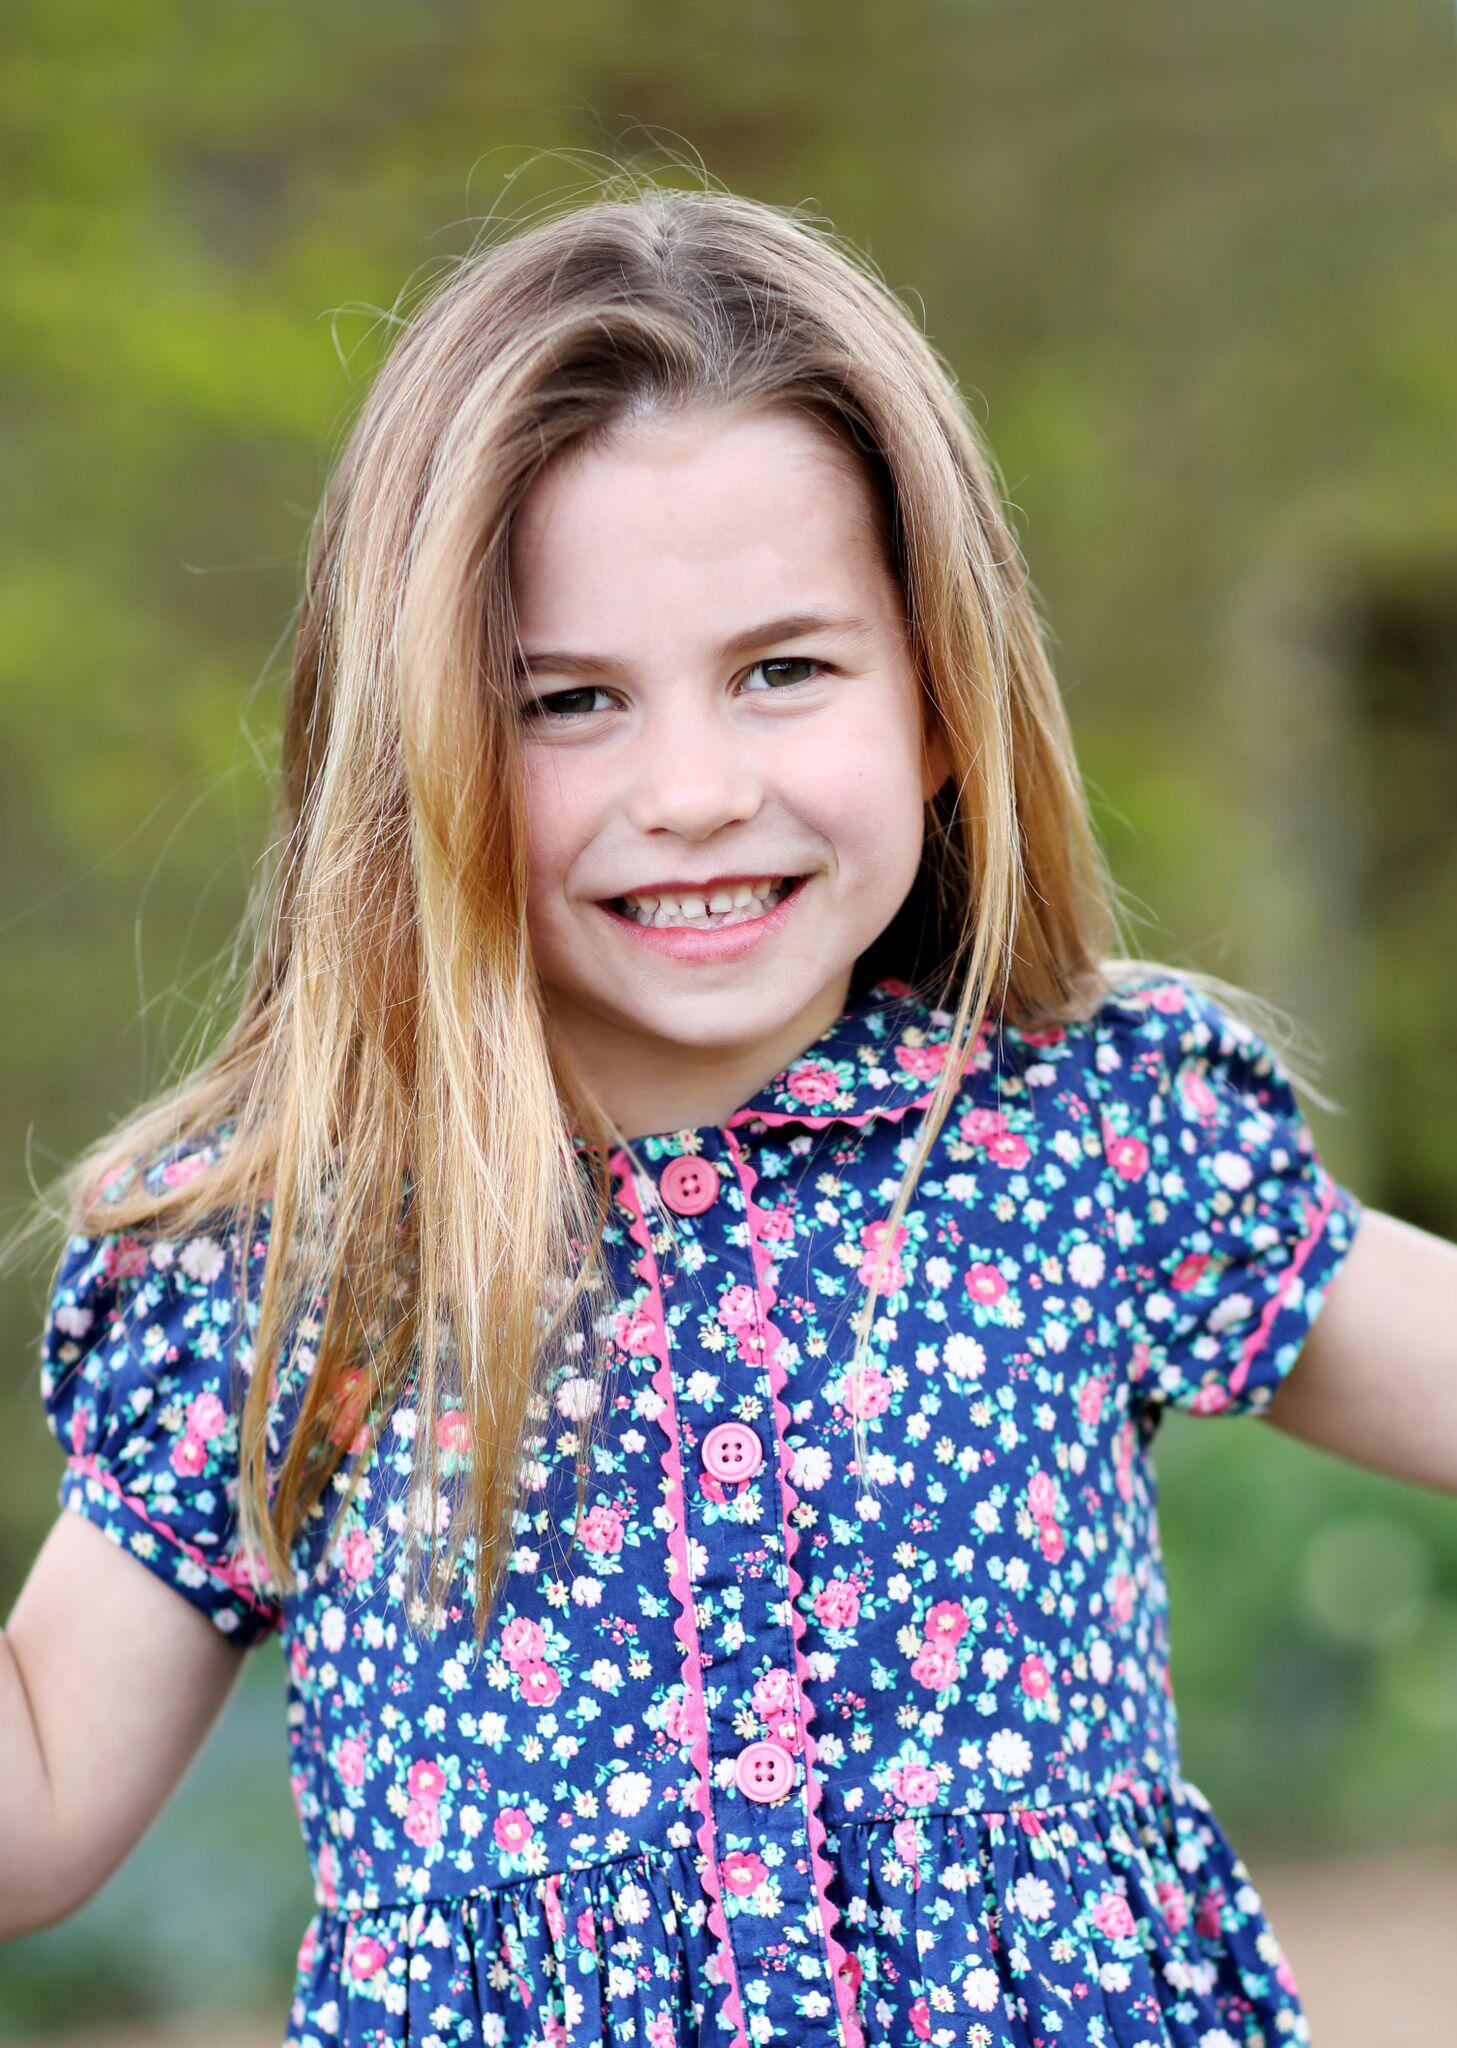 Bild zu Zum 6. Geburtstag von Prinzessin Charlotte